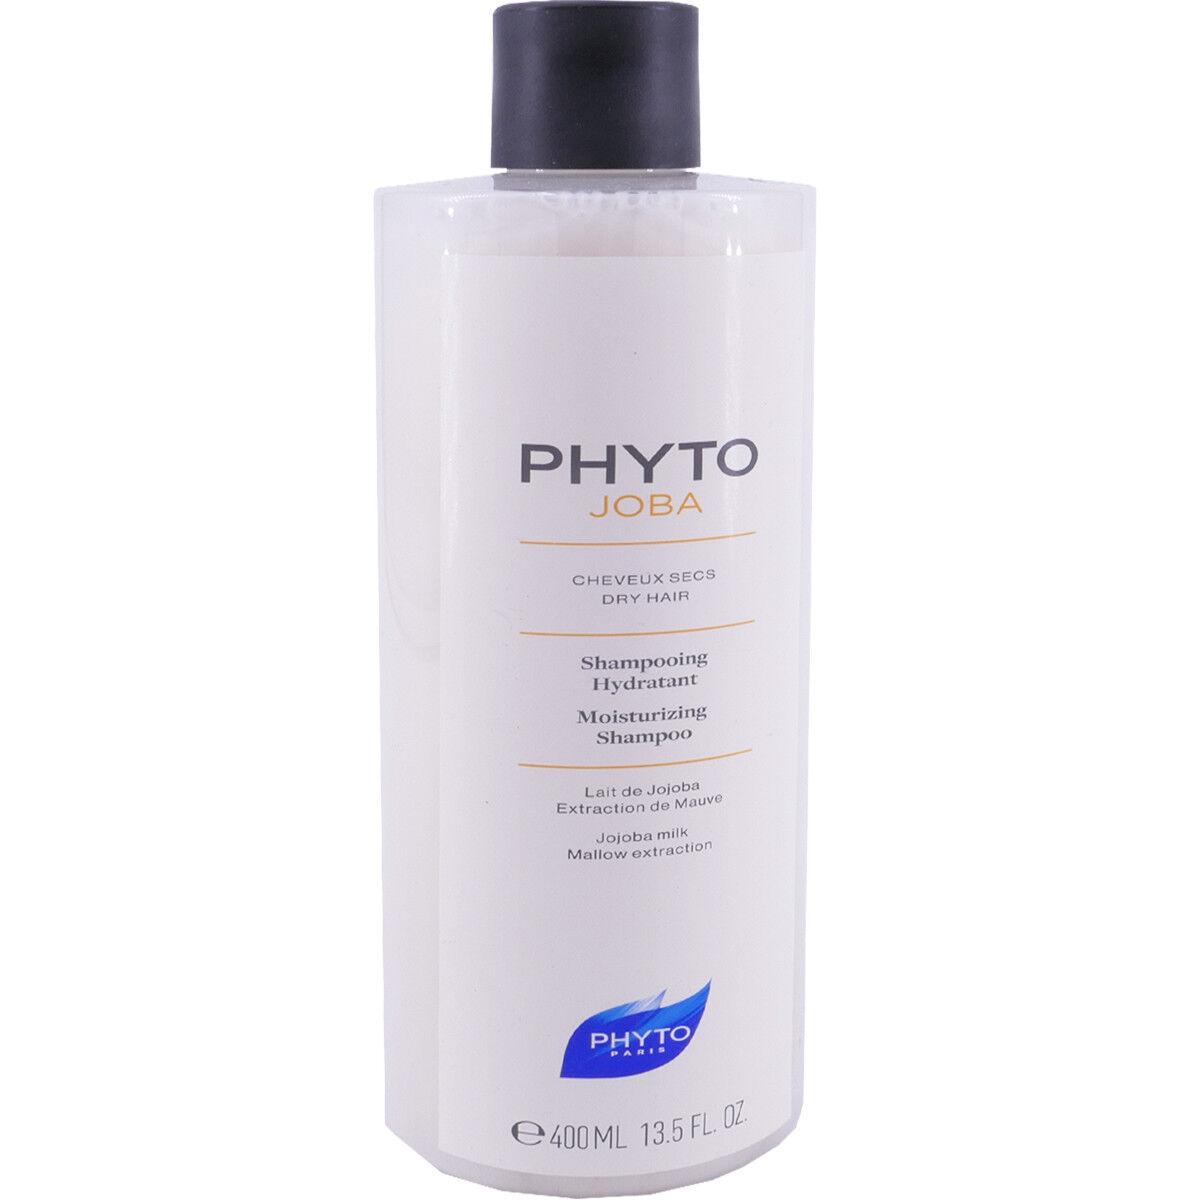 PHYTOSOLBA Phyto joba shampooing 400 ml cheveux secs